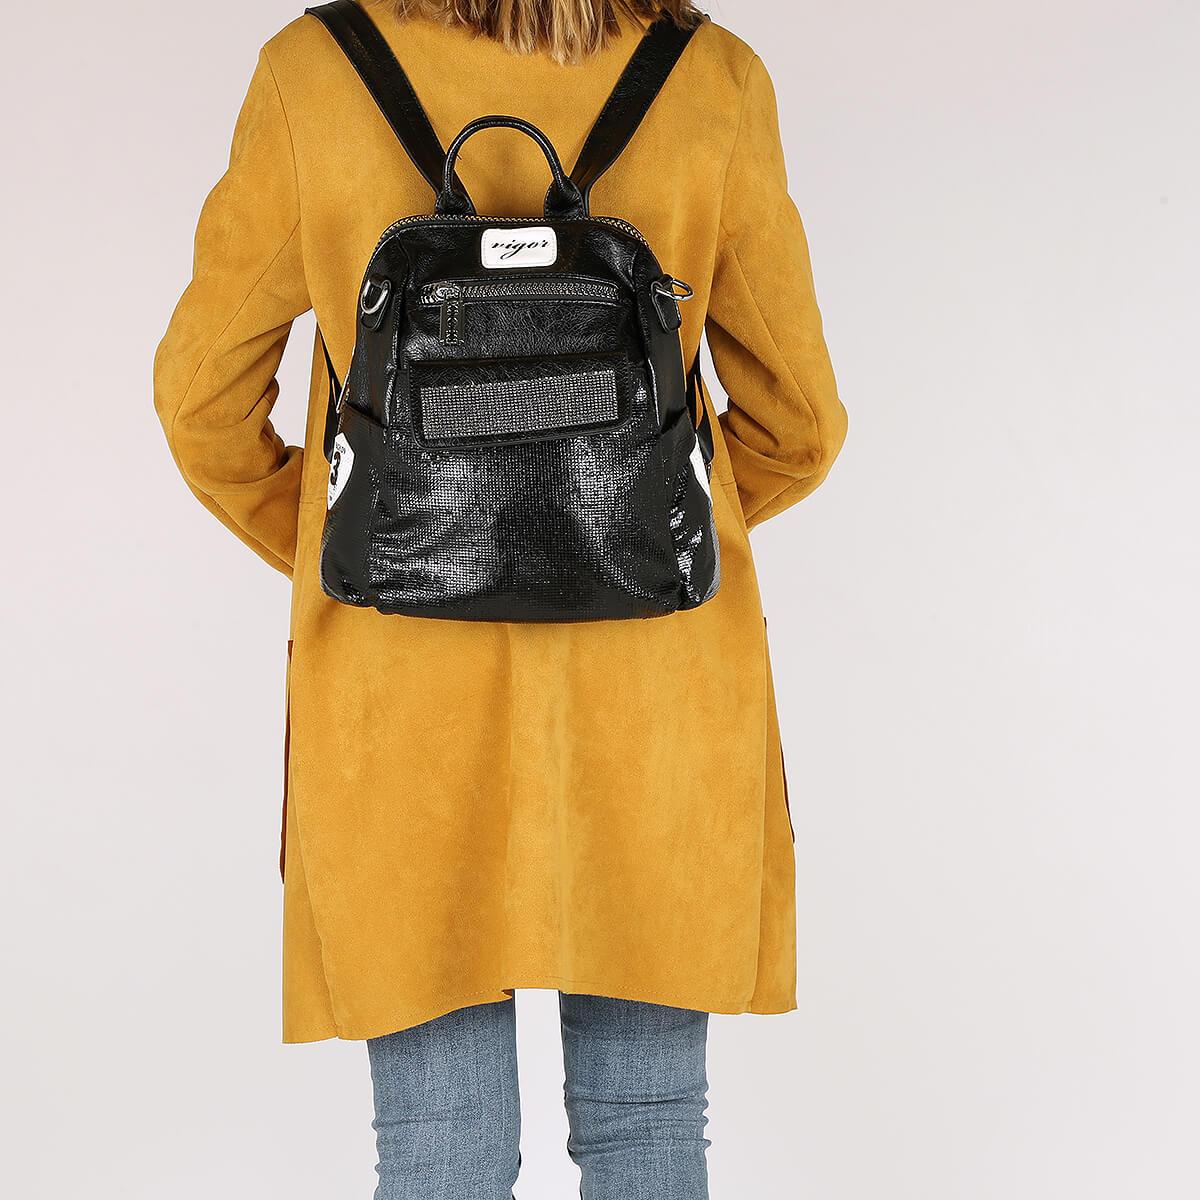 דגם מימי: תיק גב לנשים בצבע שחור